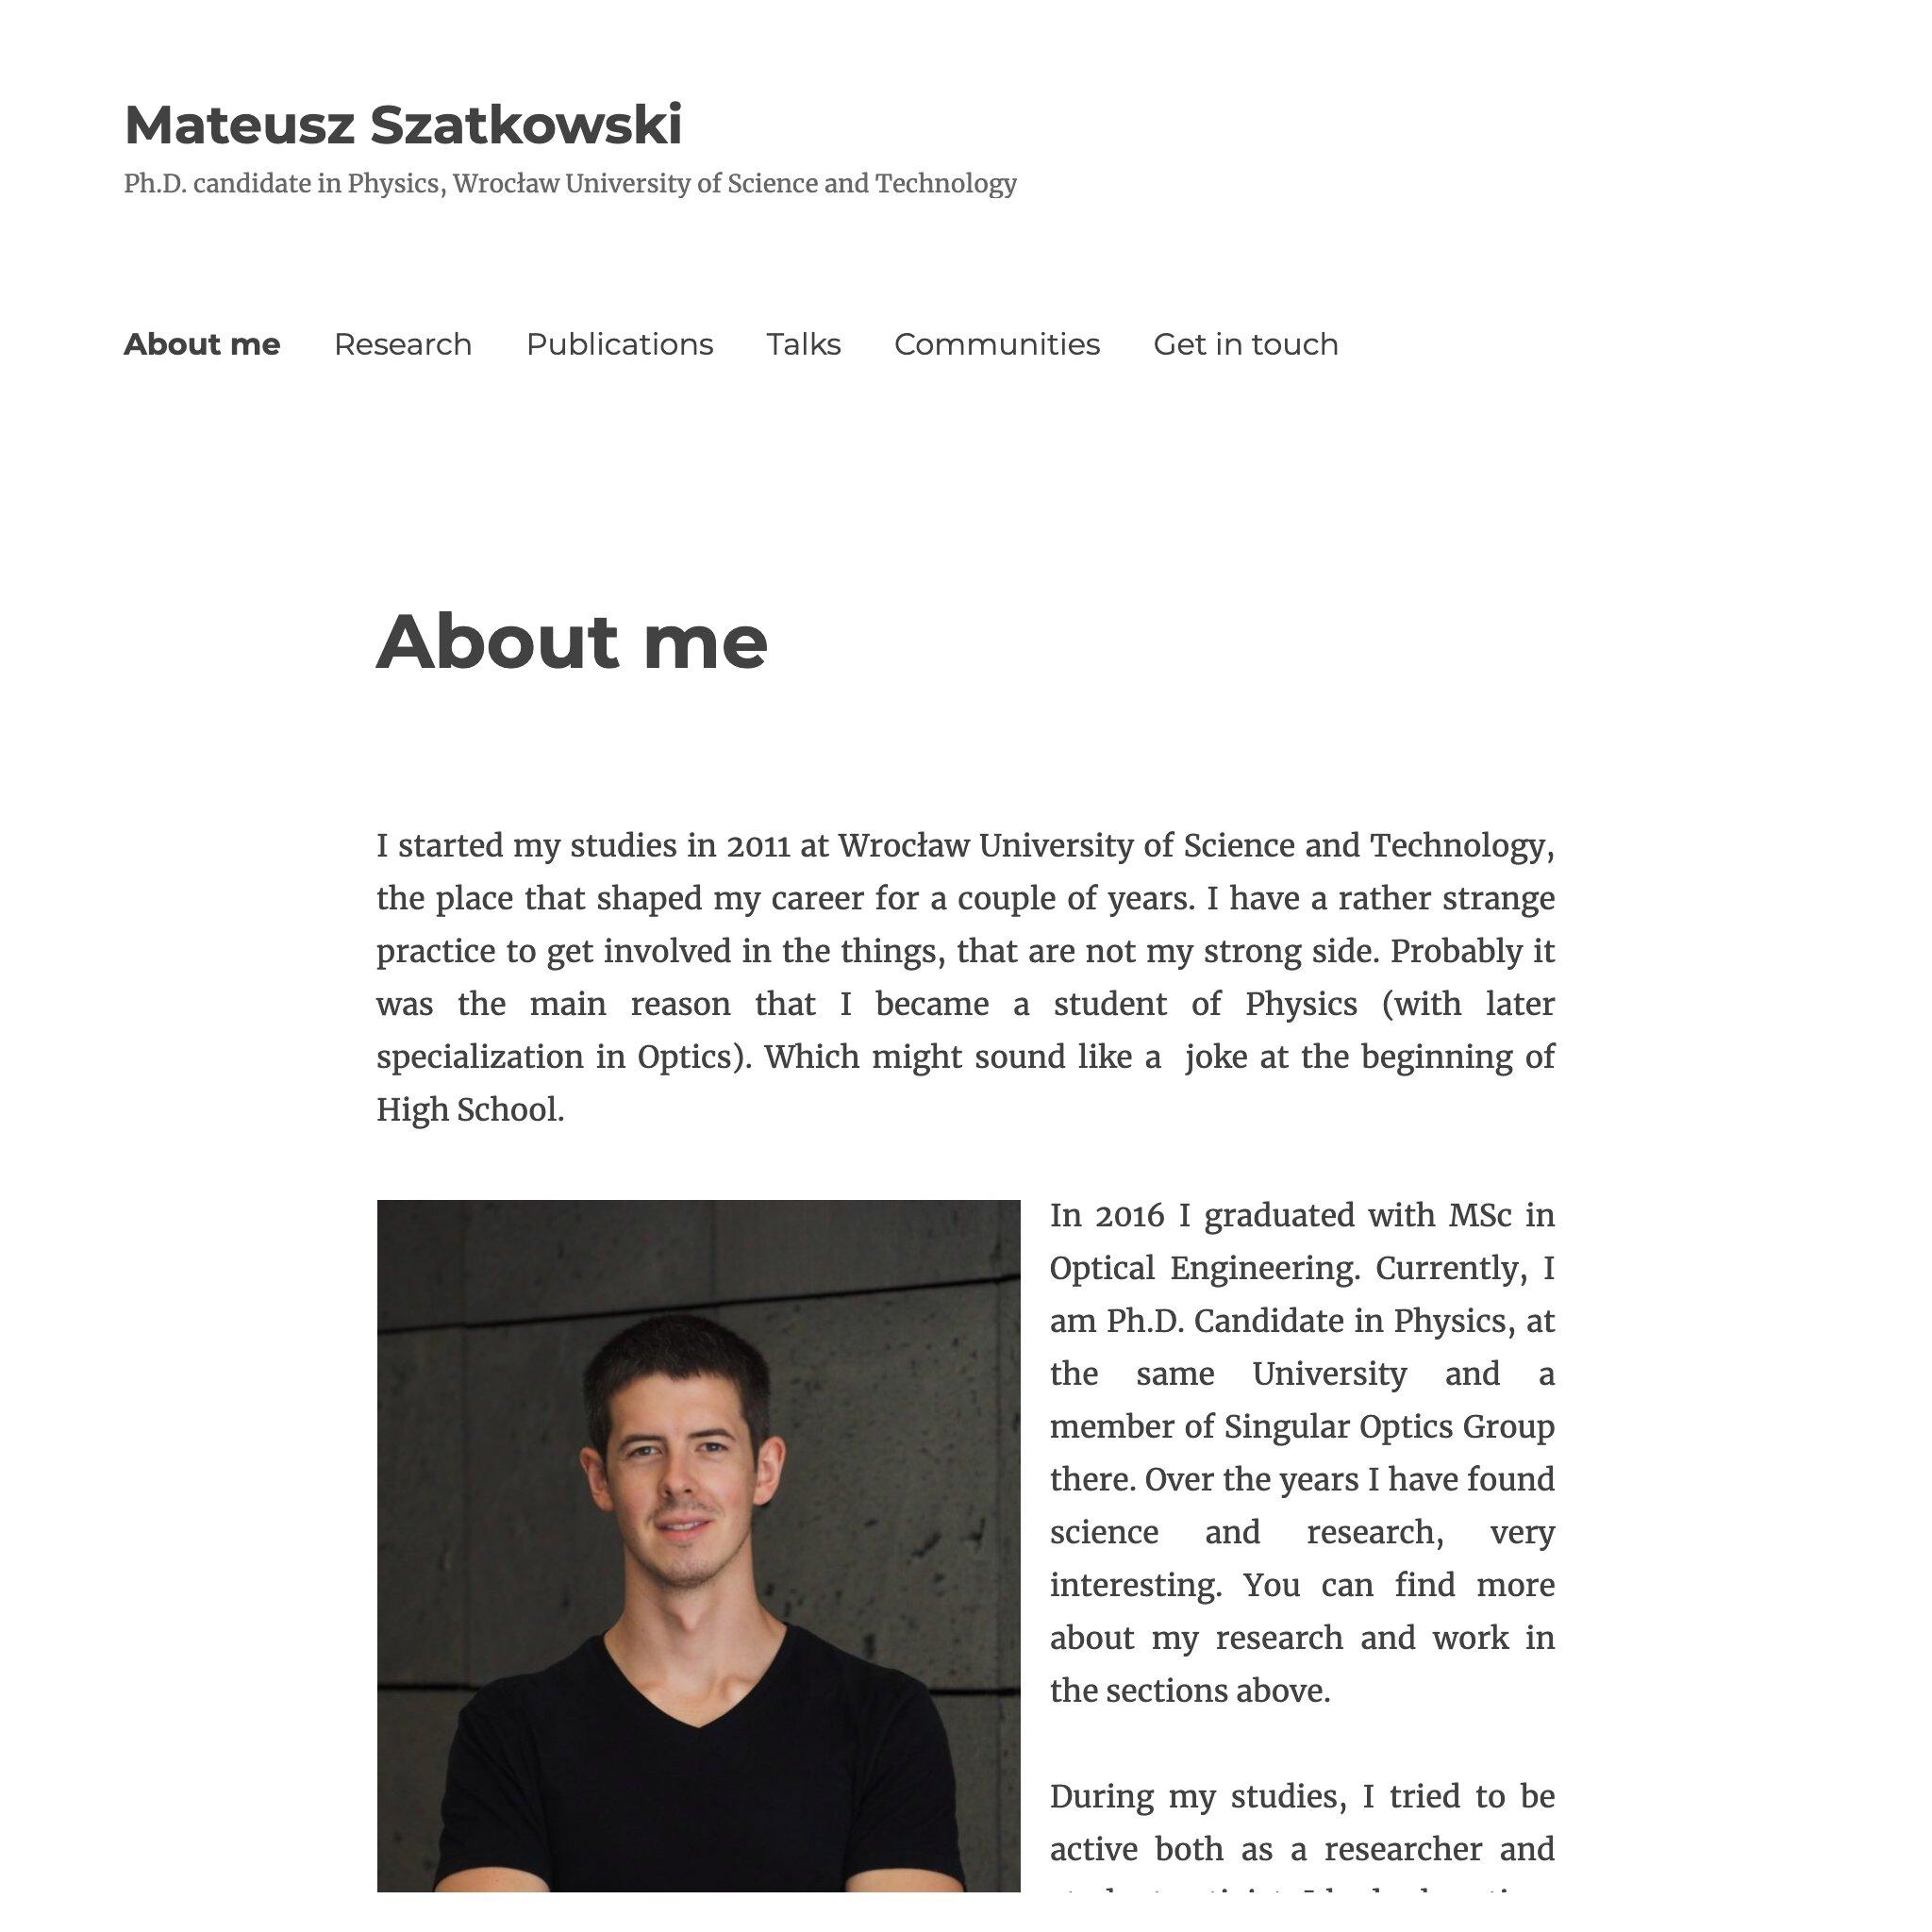 Mateusz szatkowski